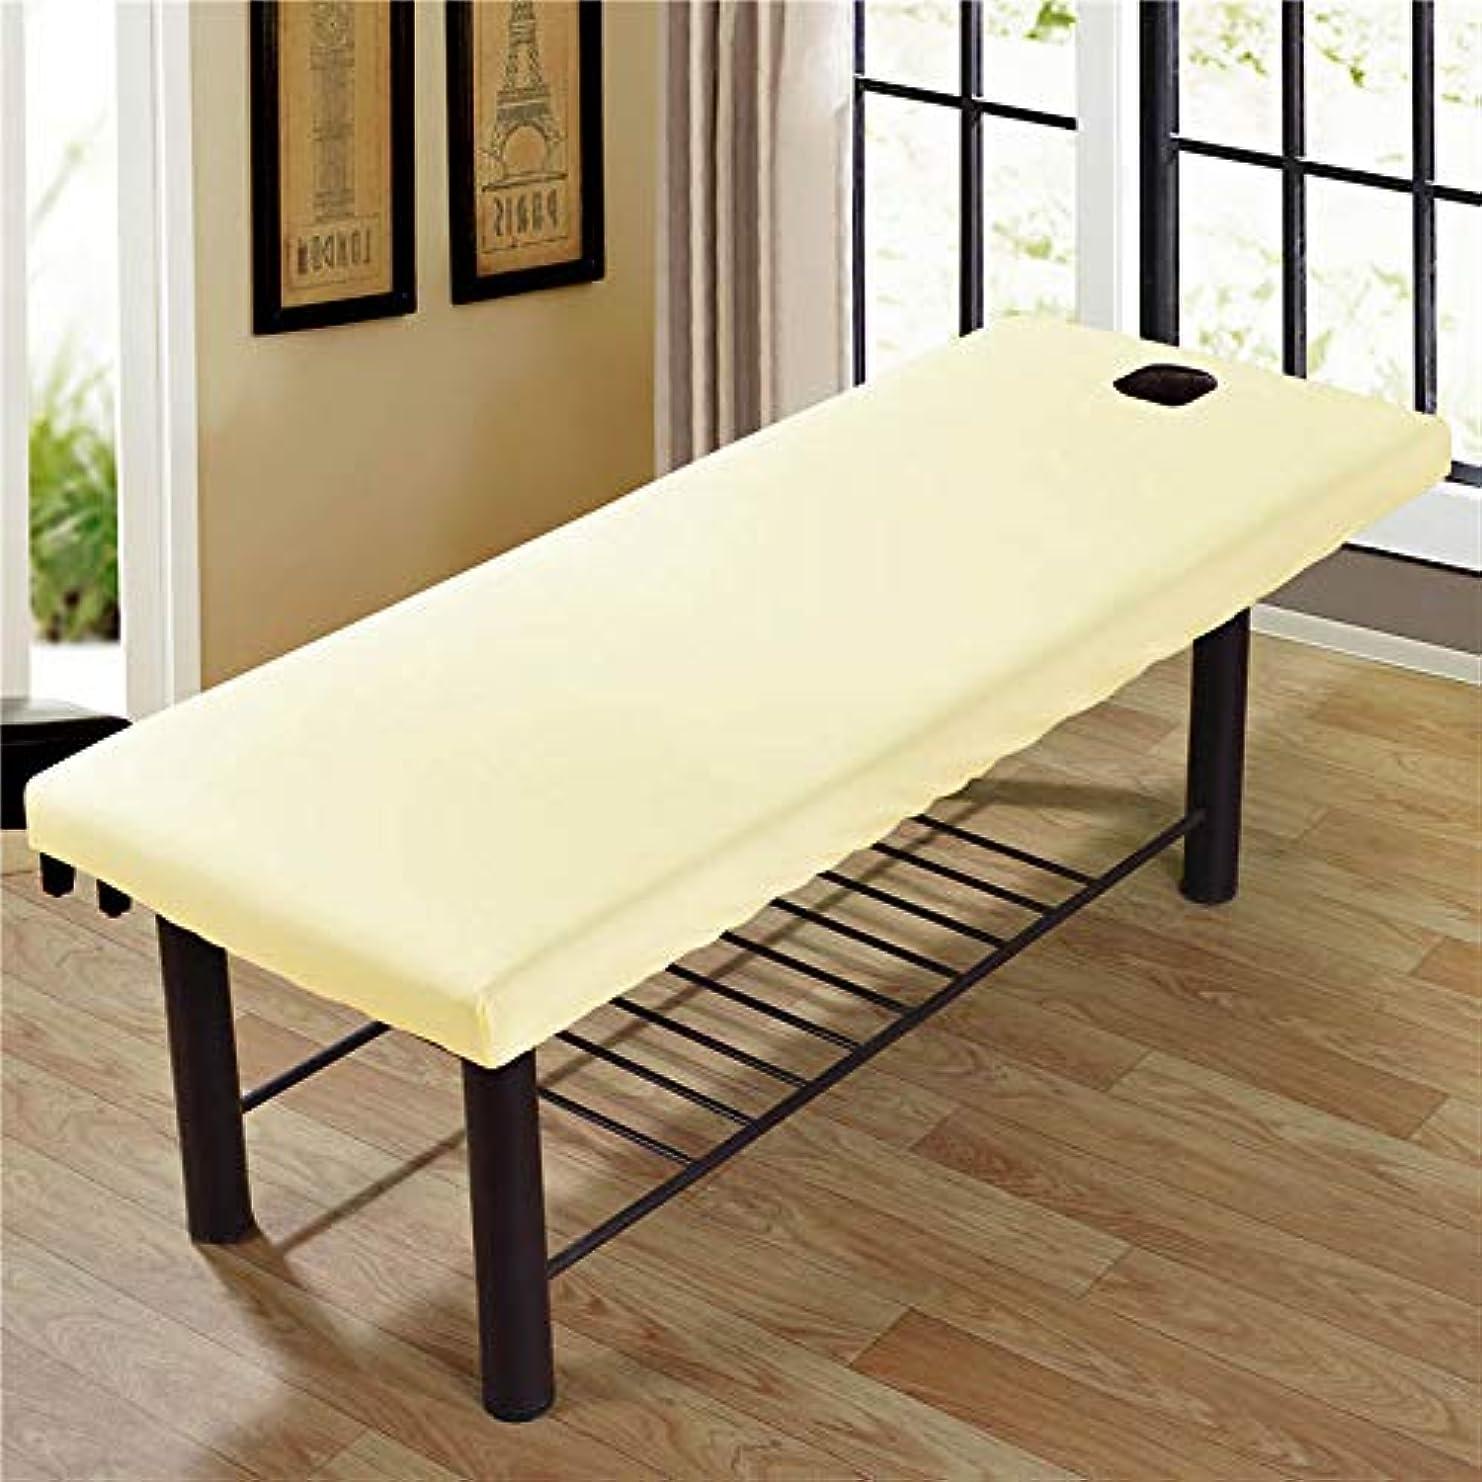 なめるために抵当Aylincool 美容院のマッサージ療法のベッドのための柔らかいSoliod色の長方形のマットレス